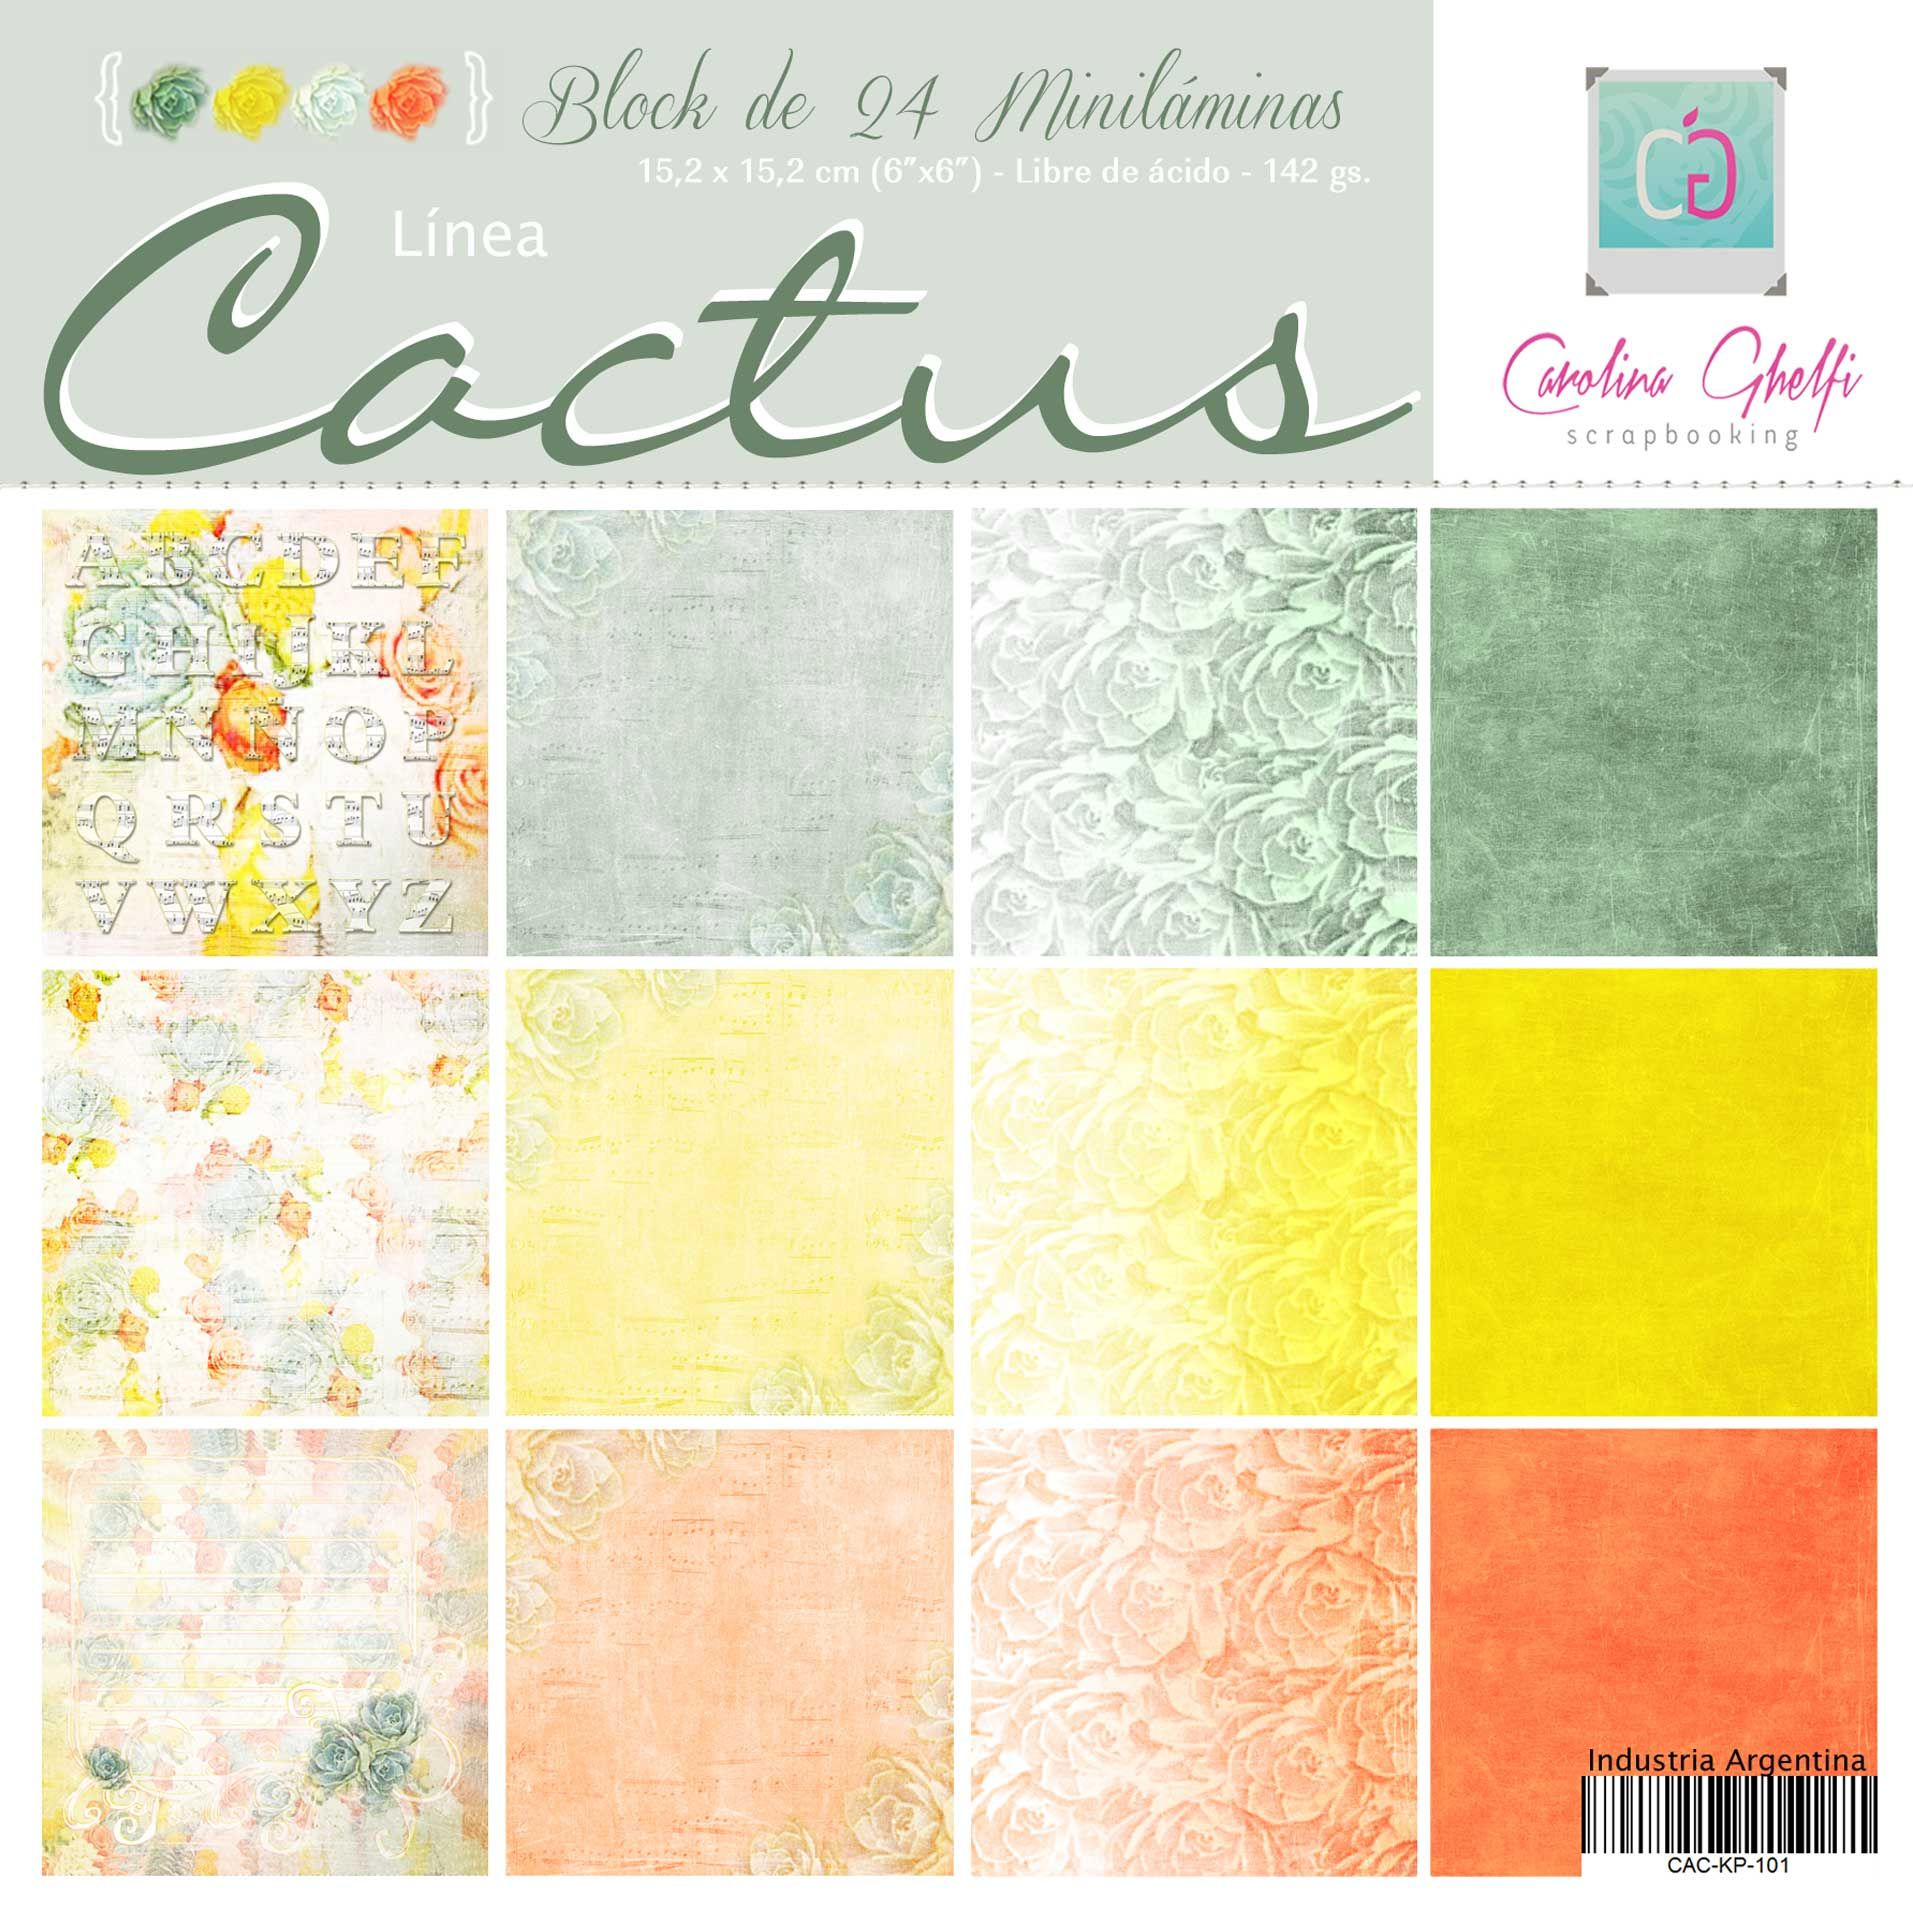 Línea Cactus Carolina Ghelfi Scrapbooking Conseguilo en www.carolinaghelfi.com